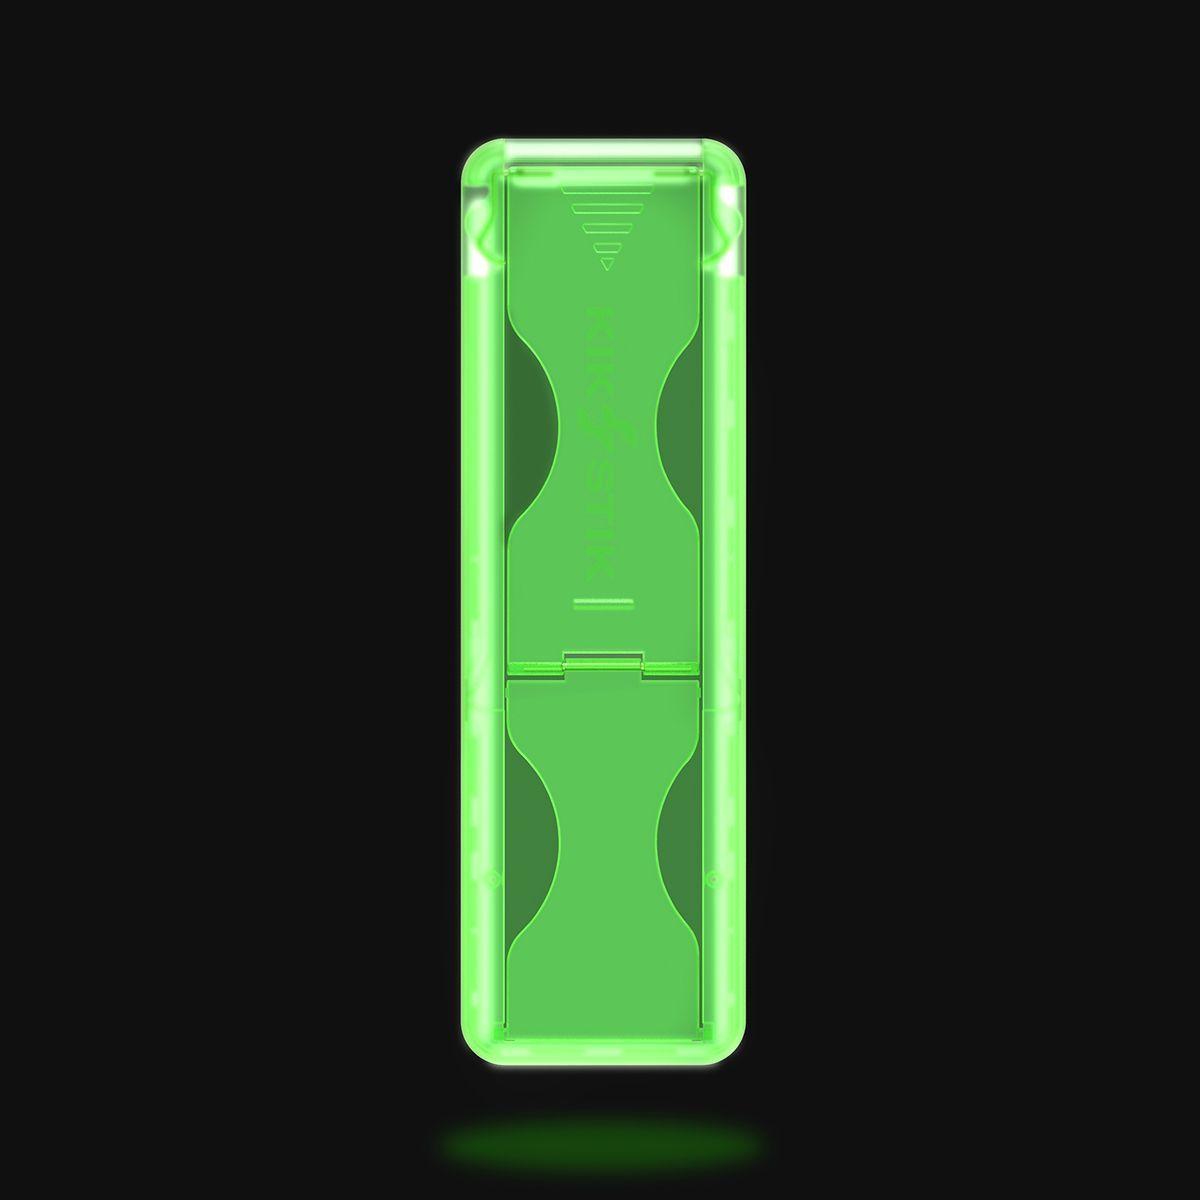 KikStik - Smartphone Kickstand - Glow in the Dark Green